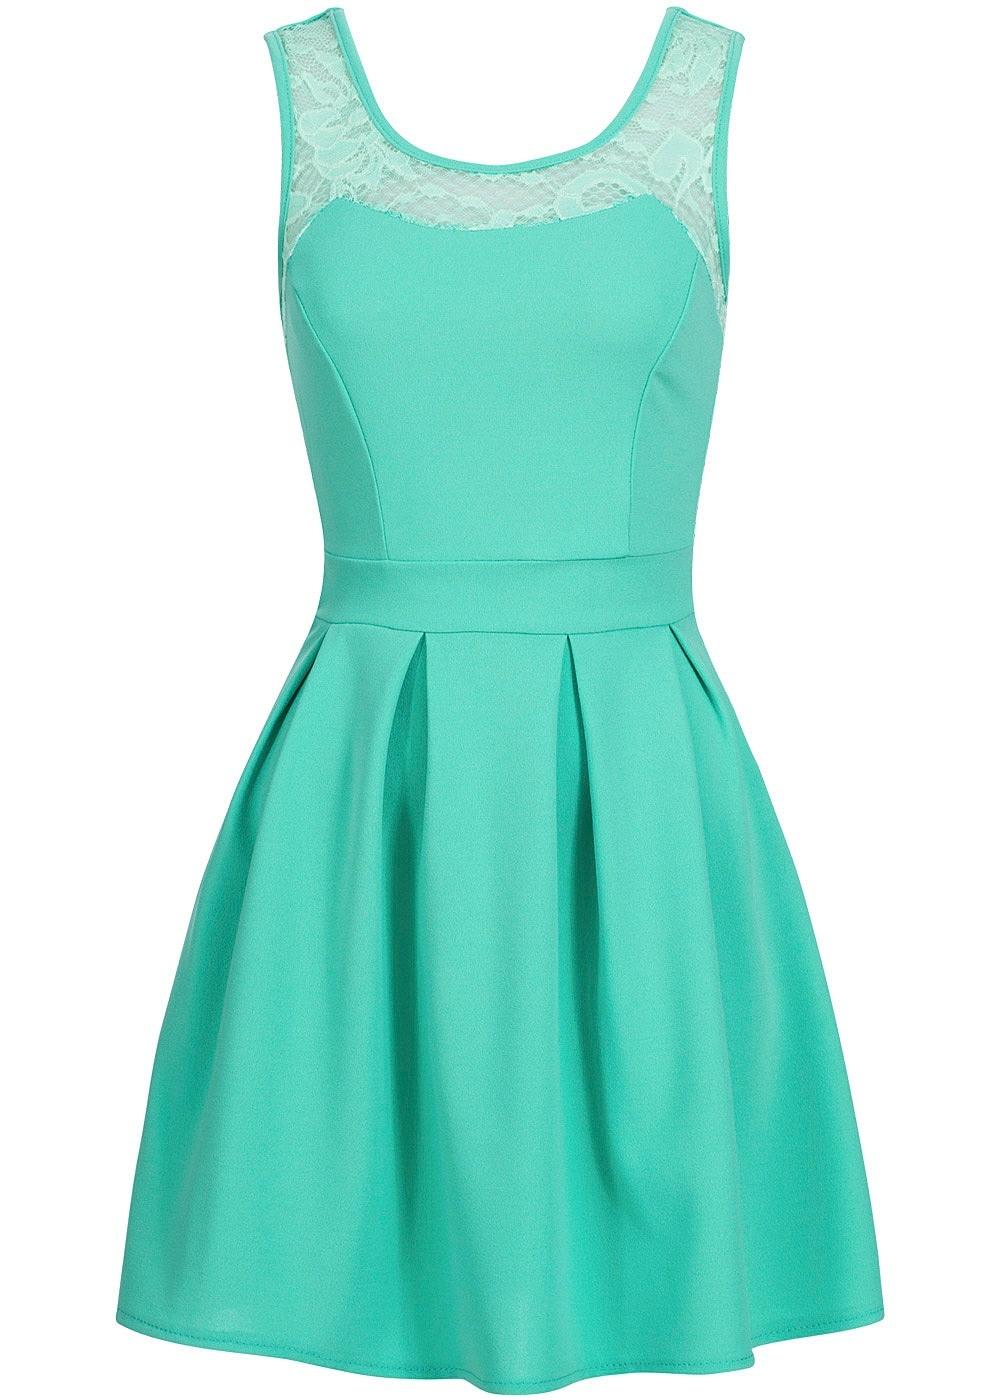 17 Spektakulär Kleid Grün Spitze VertriebFormal Wunderbar Kleid Grün Spitze für 2019